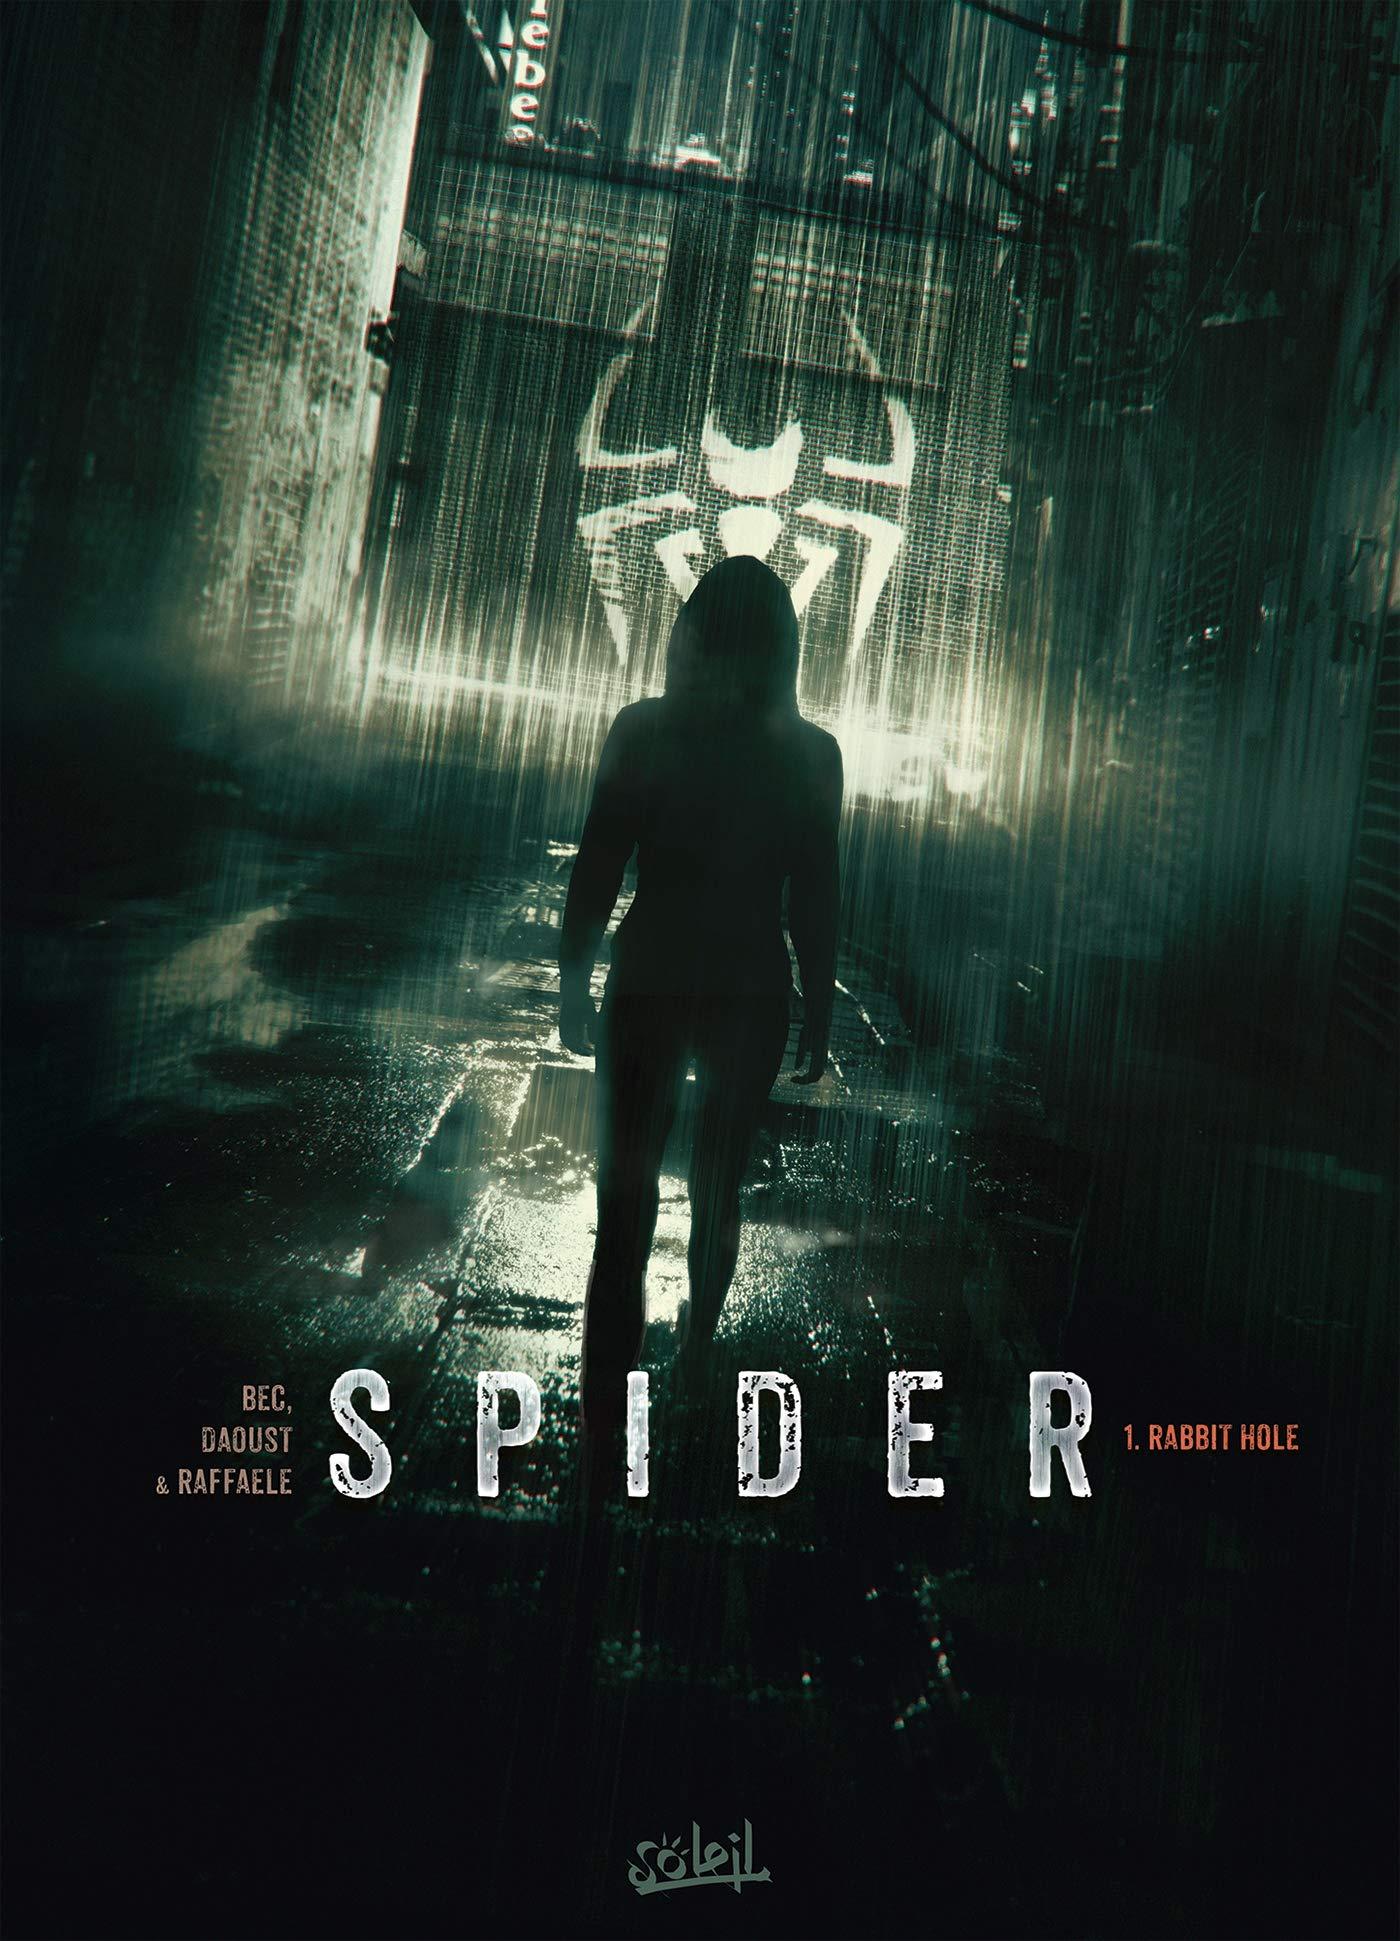 Spider 1 - Rabbit Hole